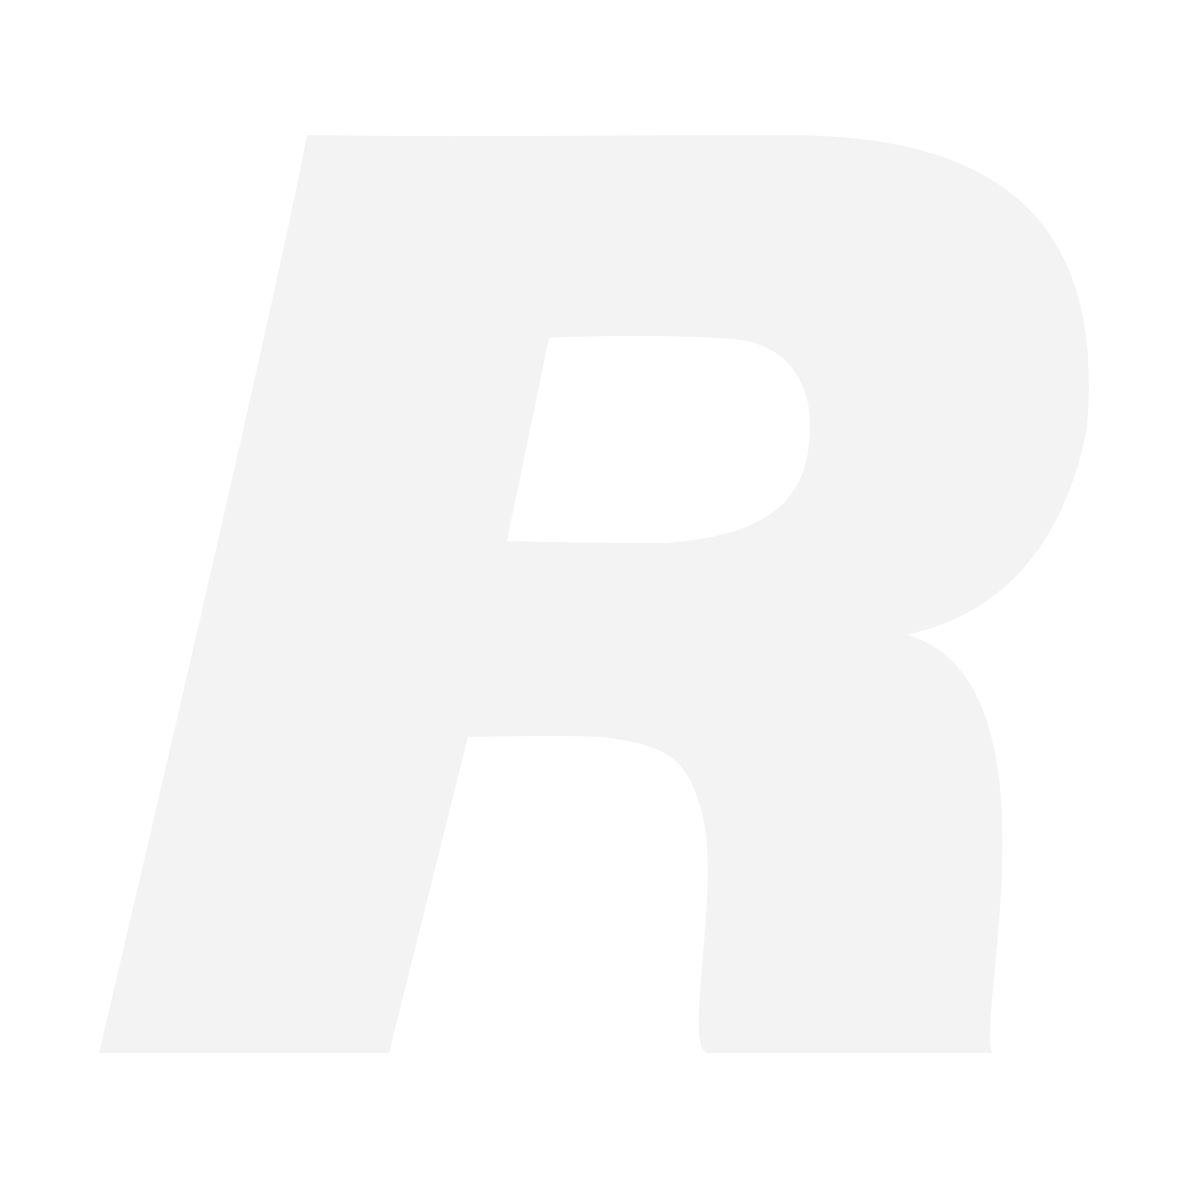 Billingham Rucksack 25 ryggsäck, svart/tan